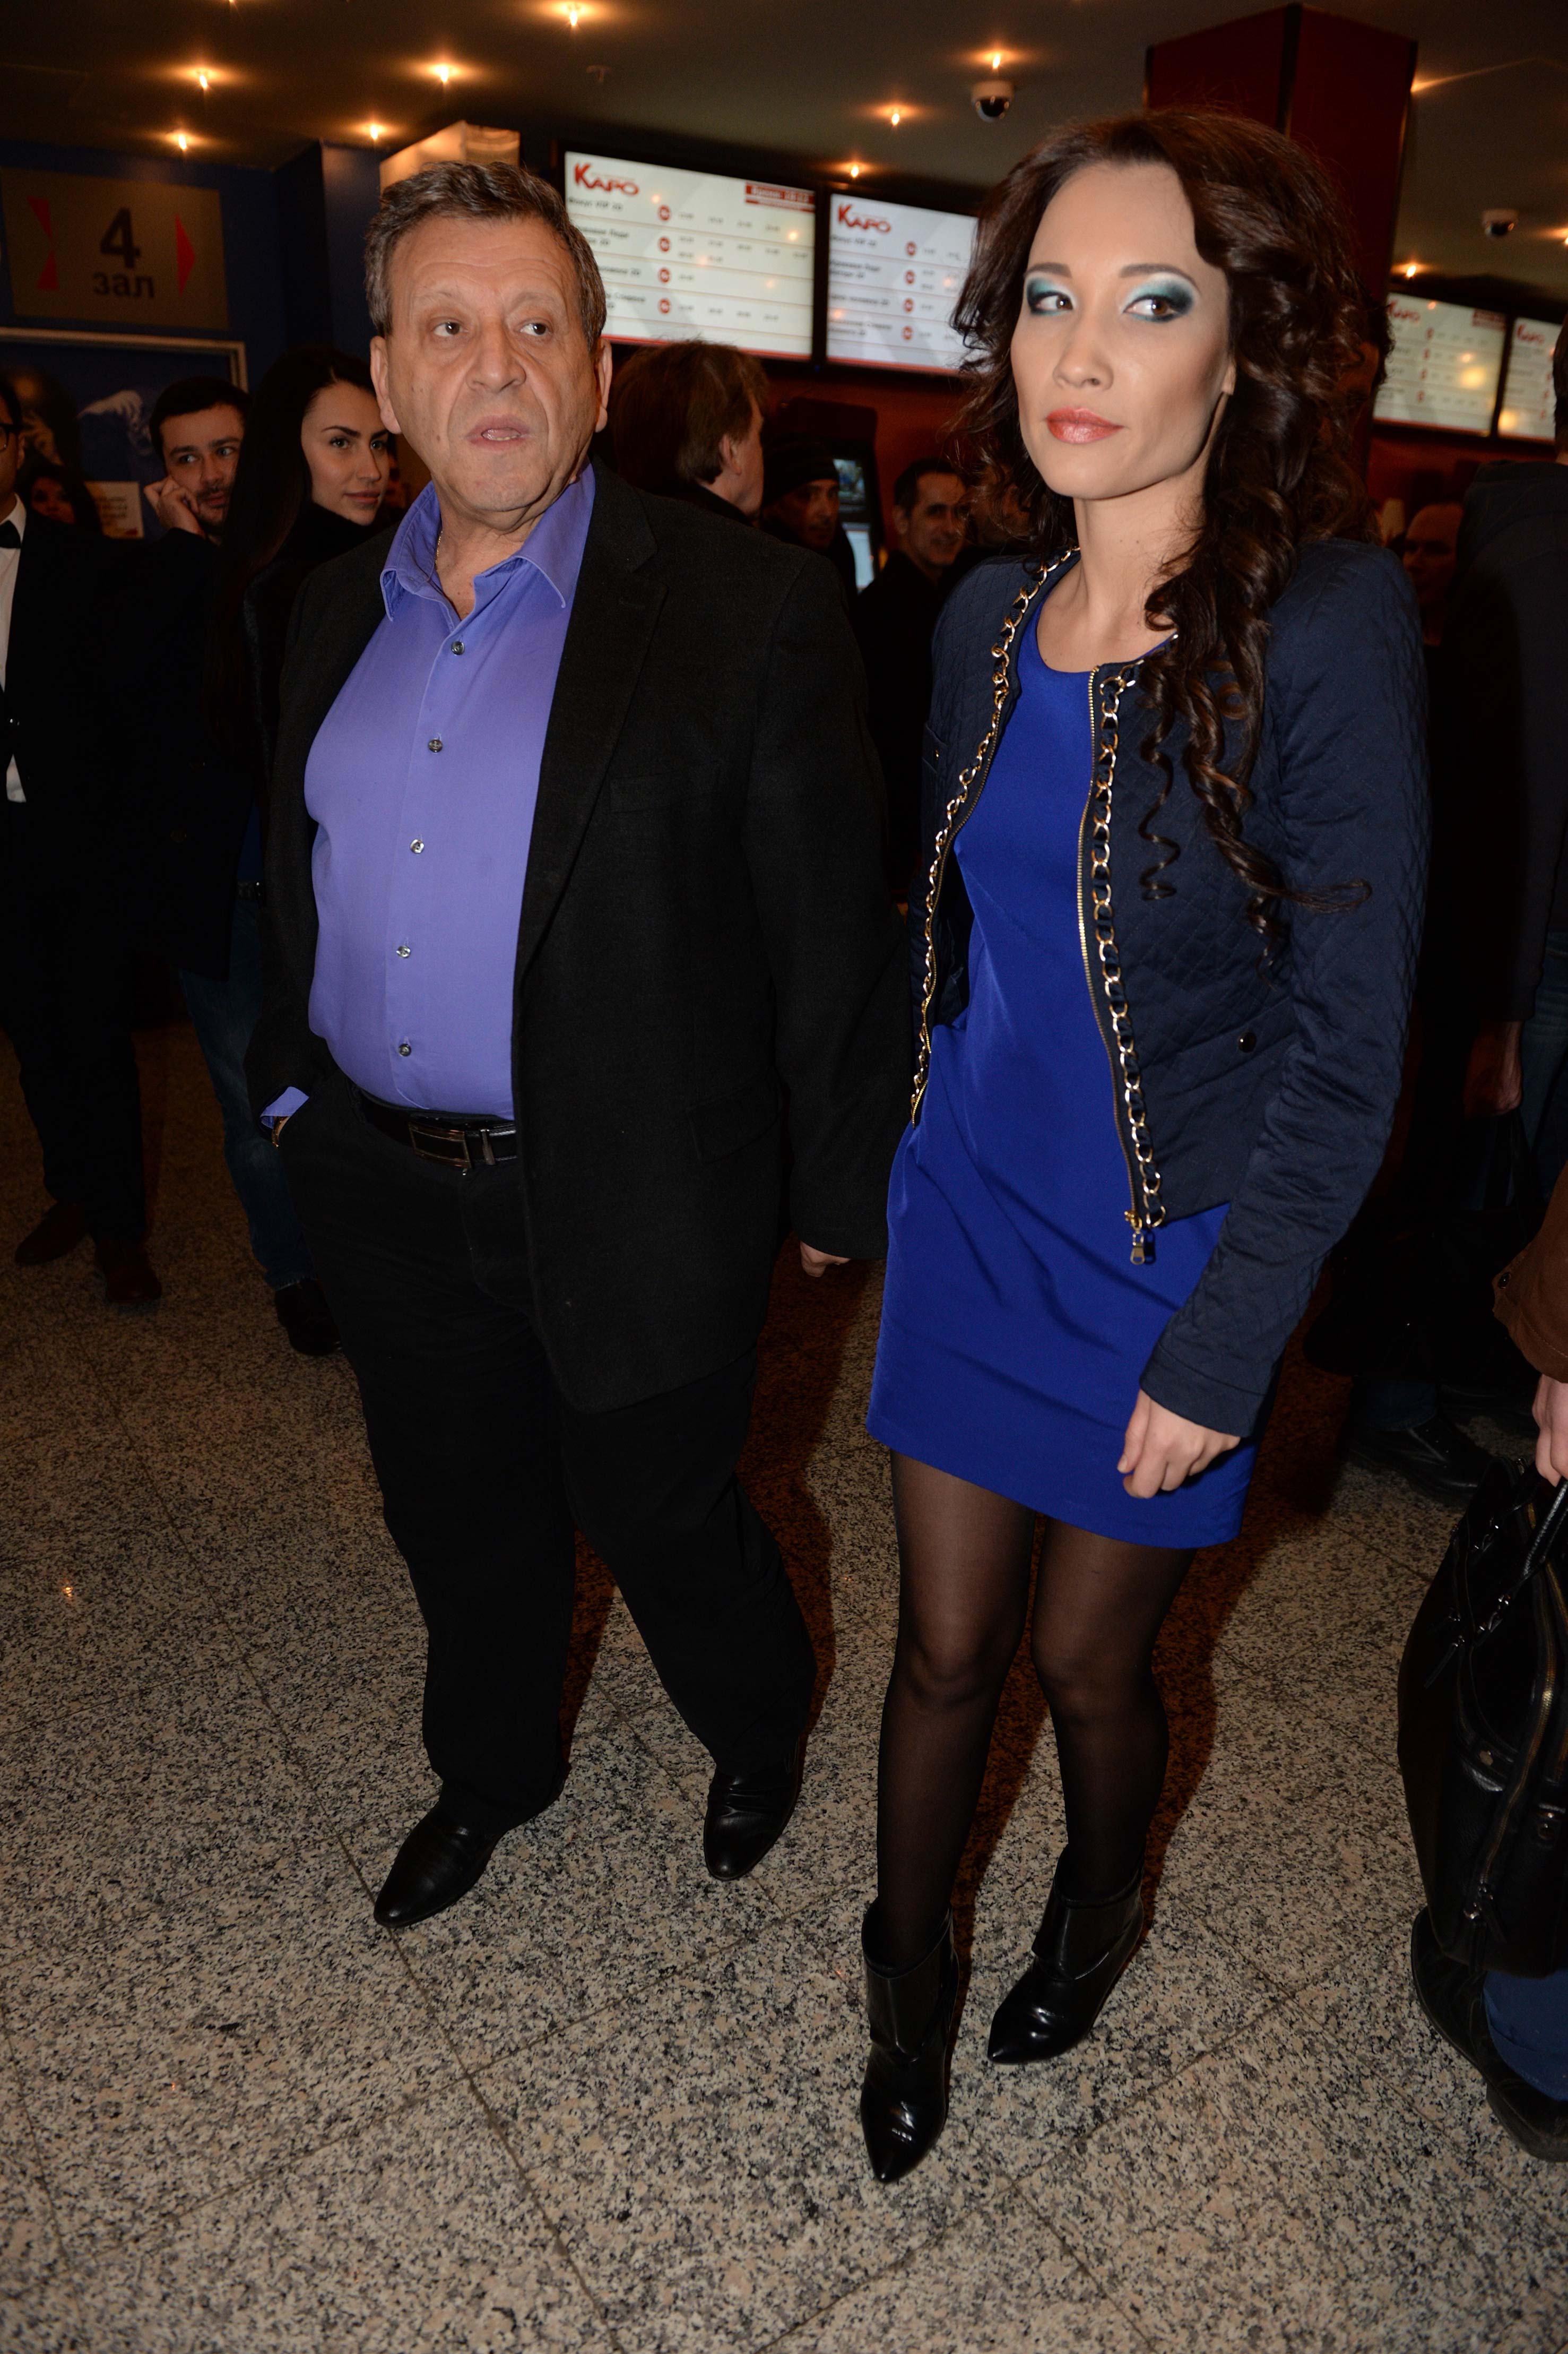 горничная сексуальными грачевский с новой женой фото фото документы